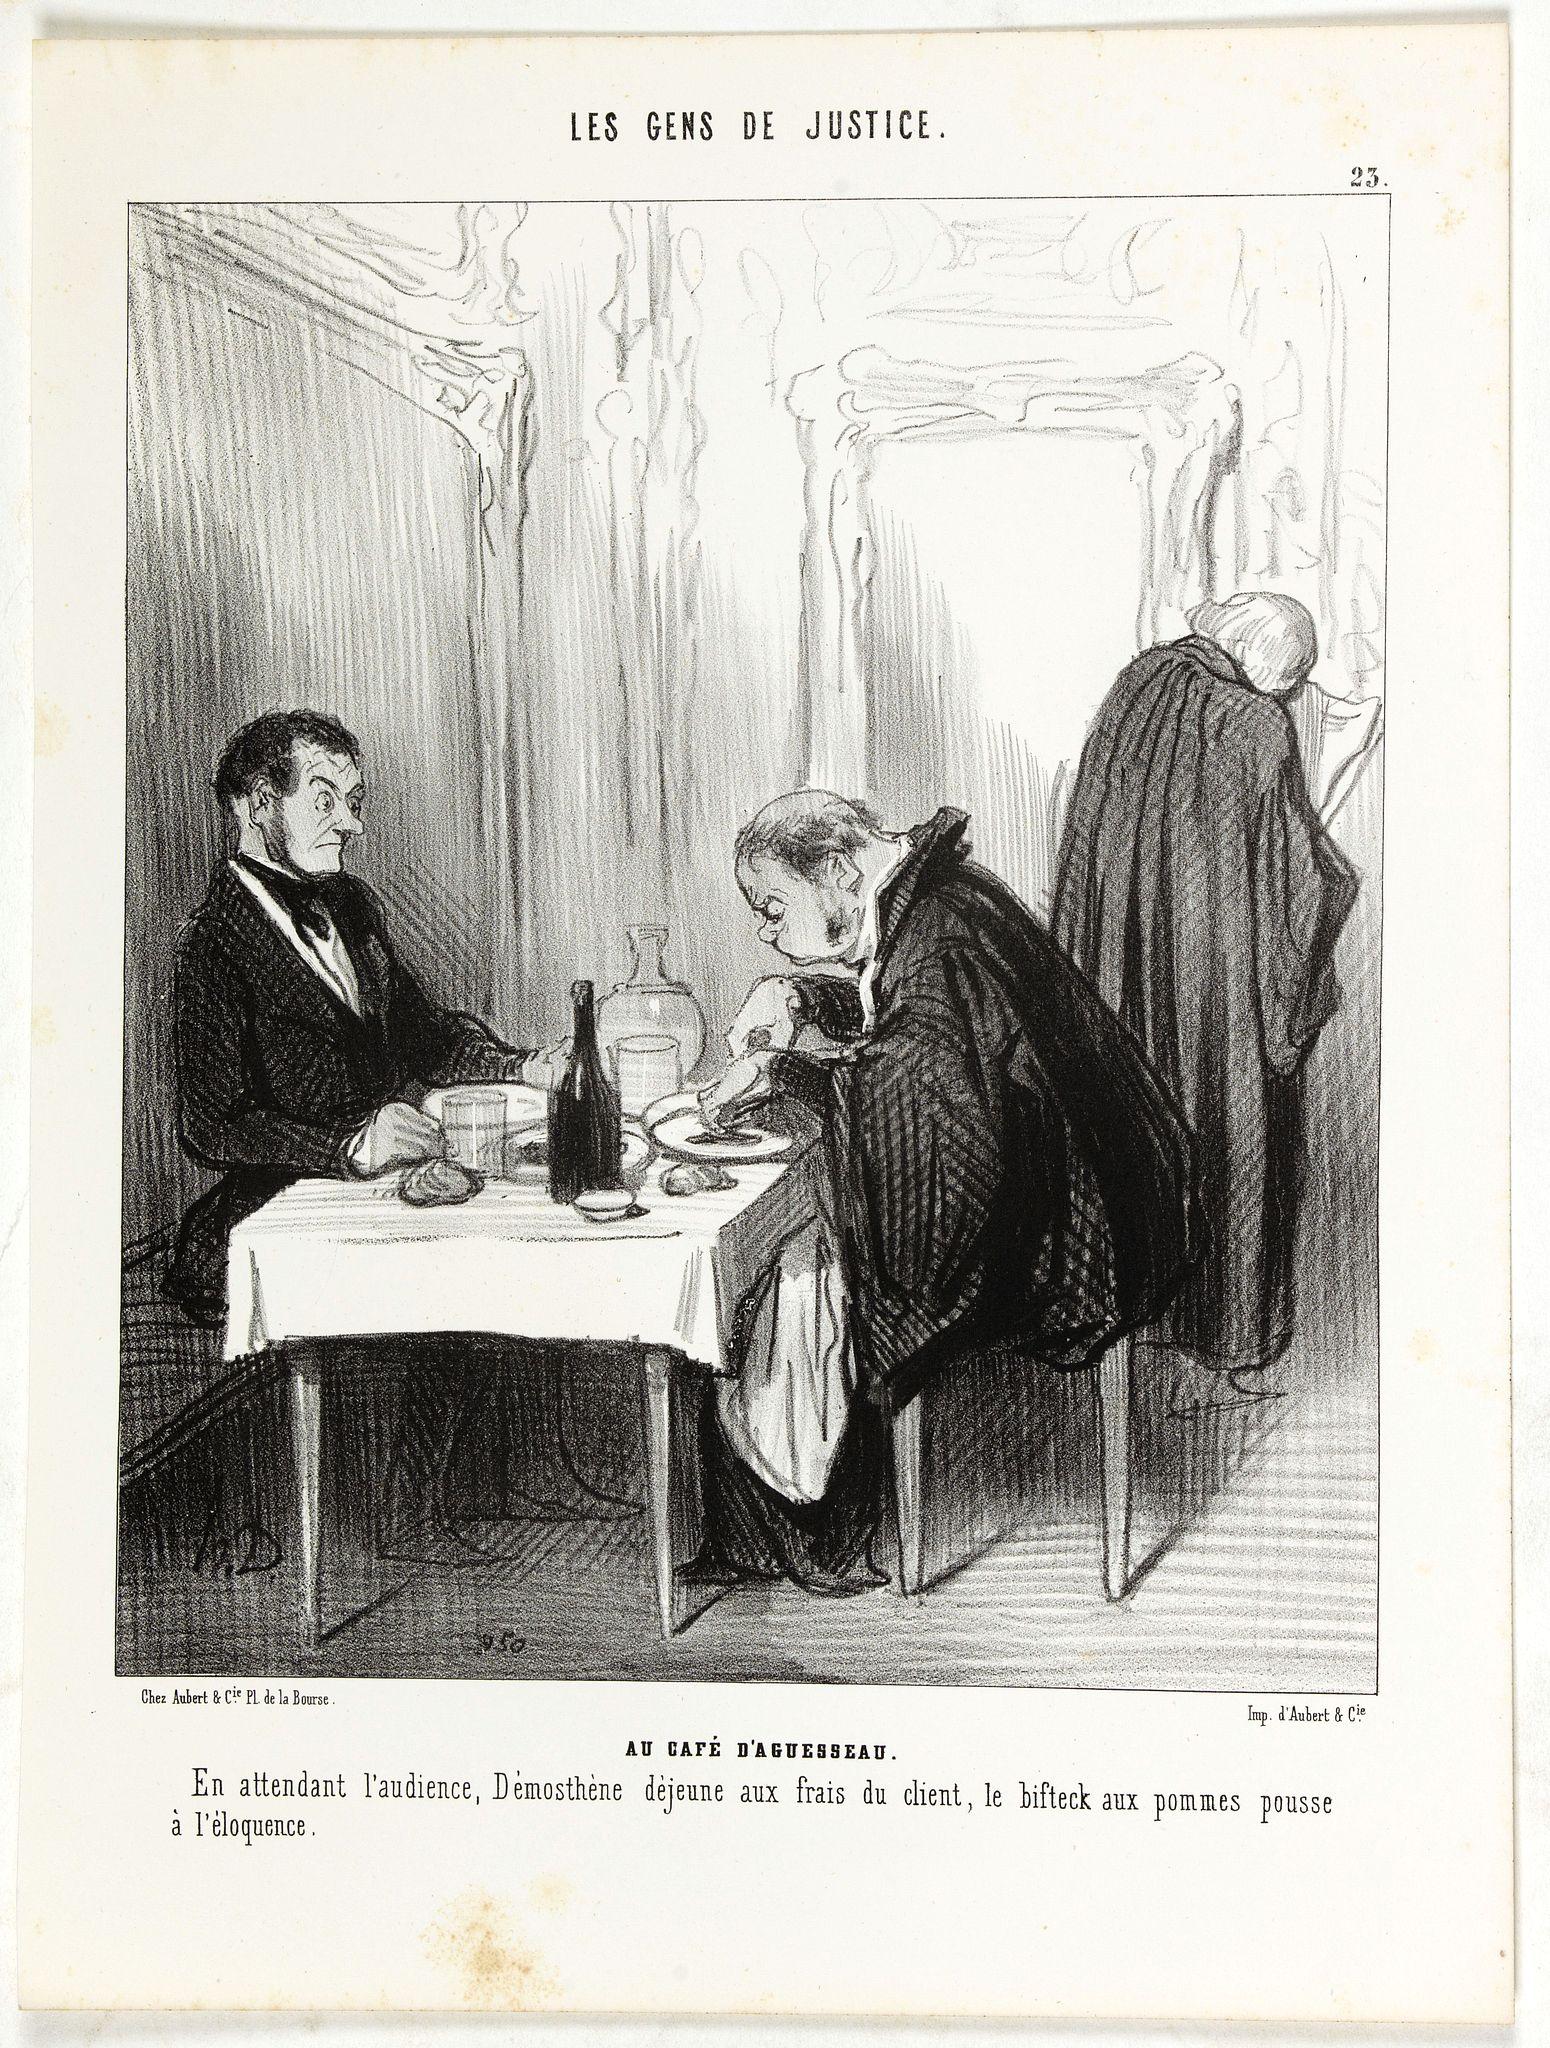 DAUMIER, H. -  AU CAFÉ D'AGUESSEAU. En attendant l'audience, Démosthène déjeune aux frais du client, le bifteck aux pommes pousse à l'éloquence…